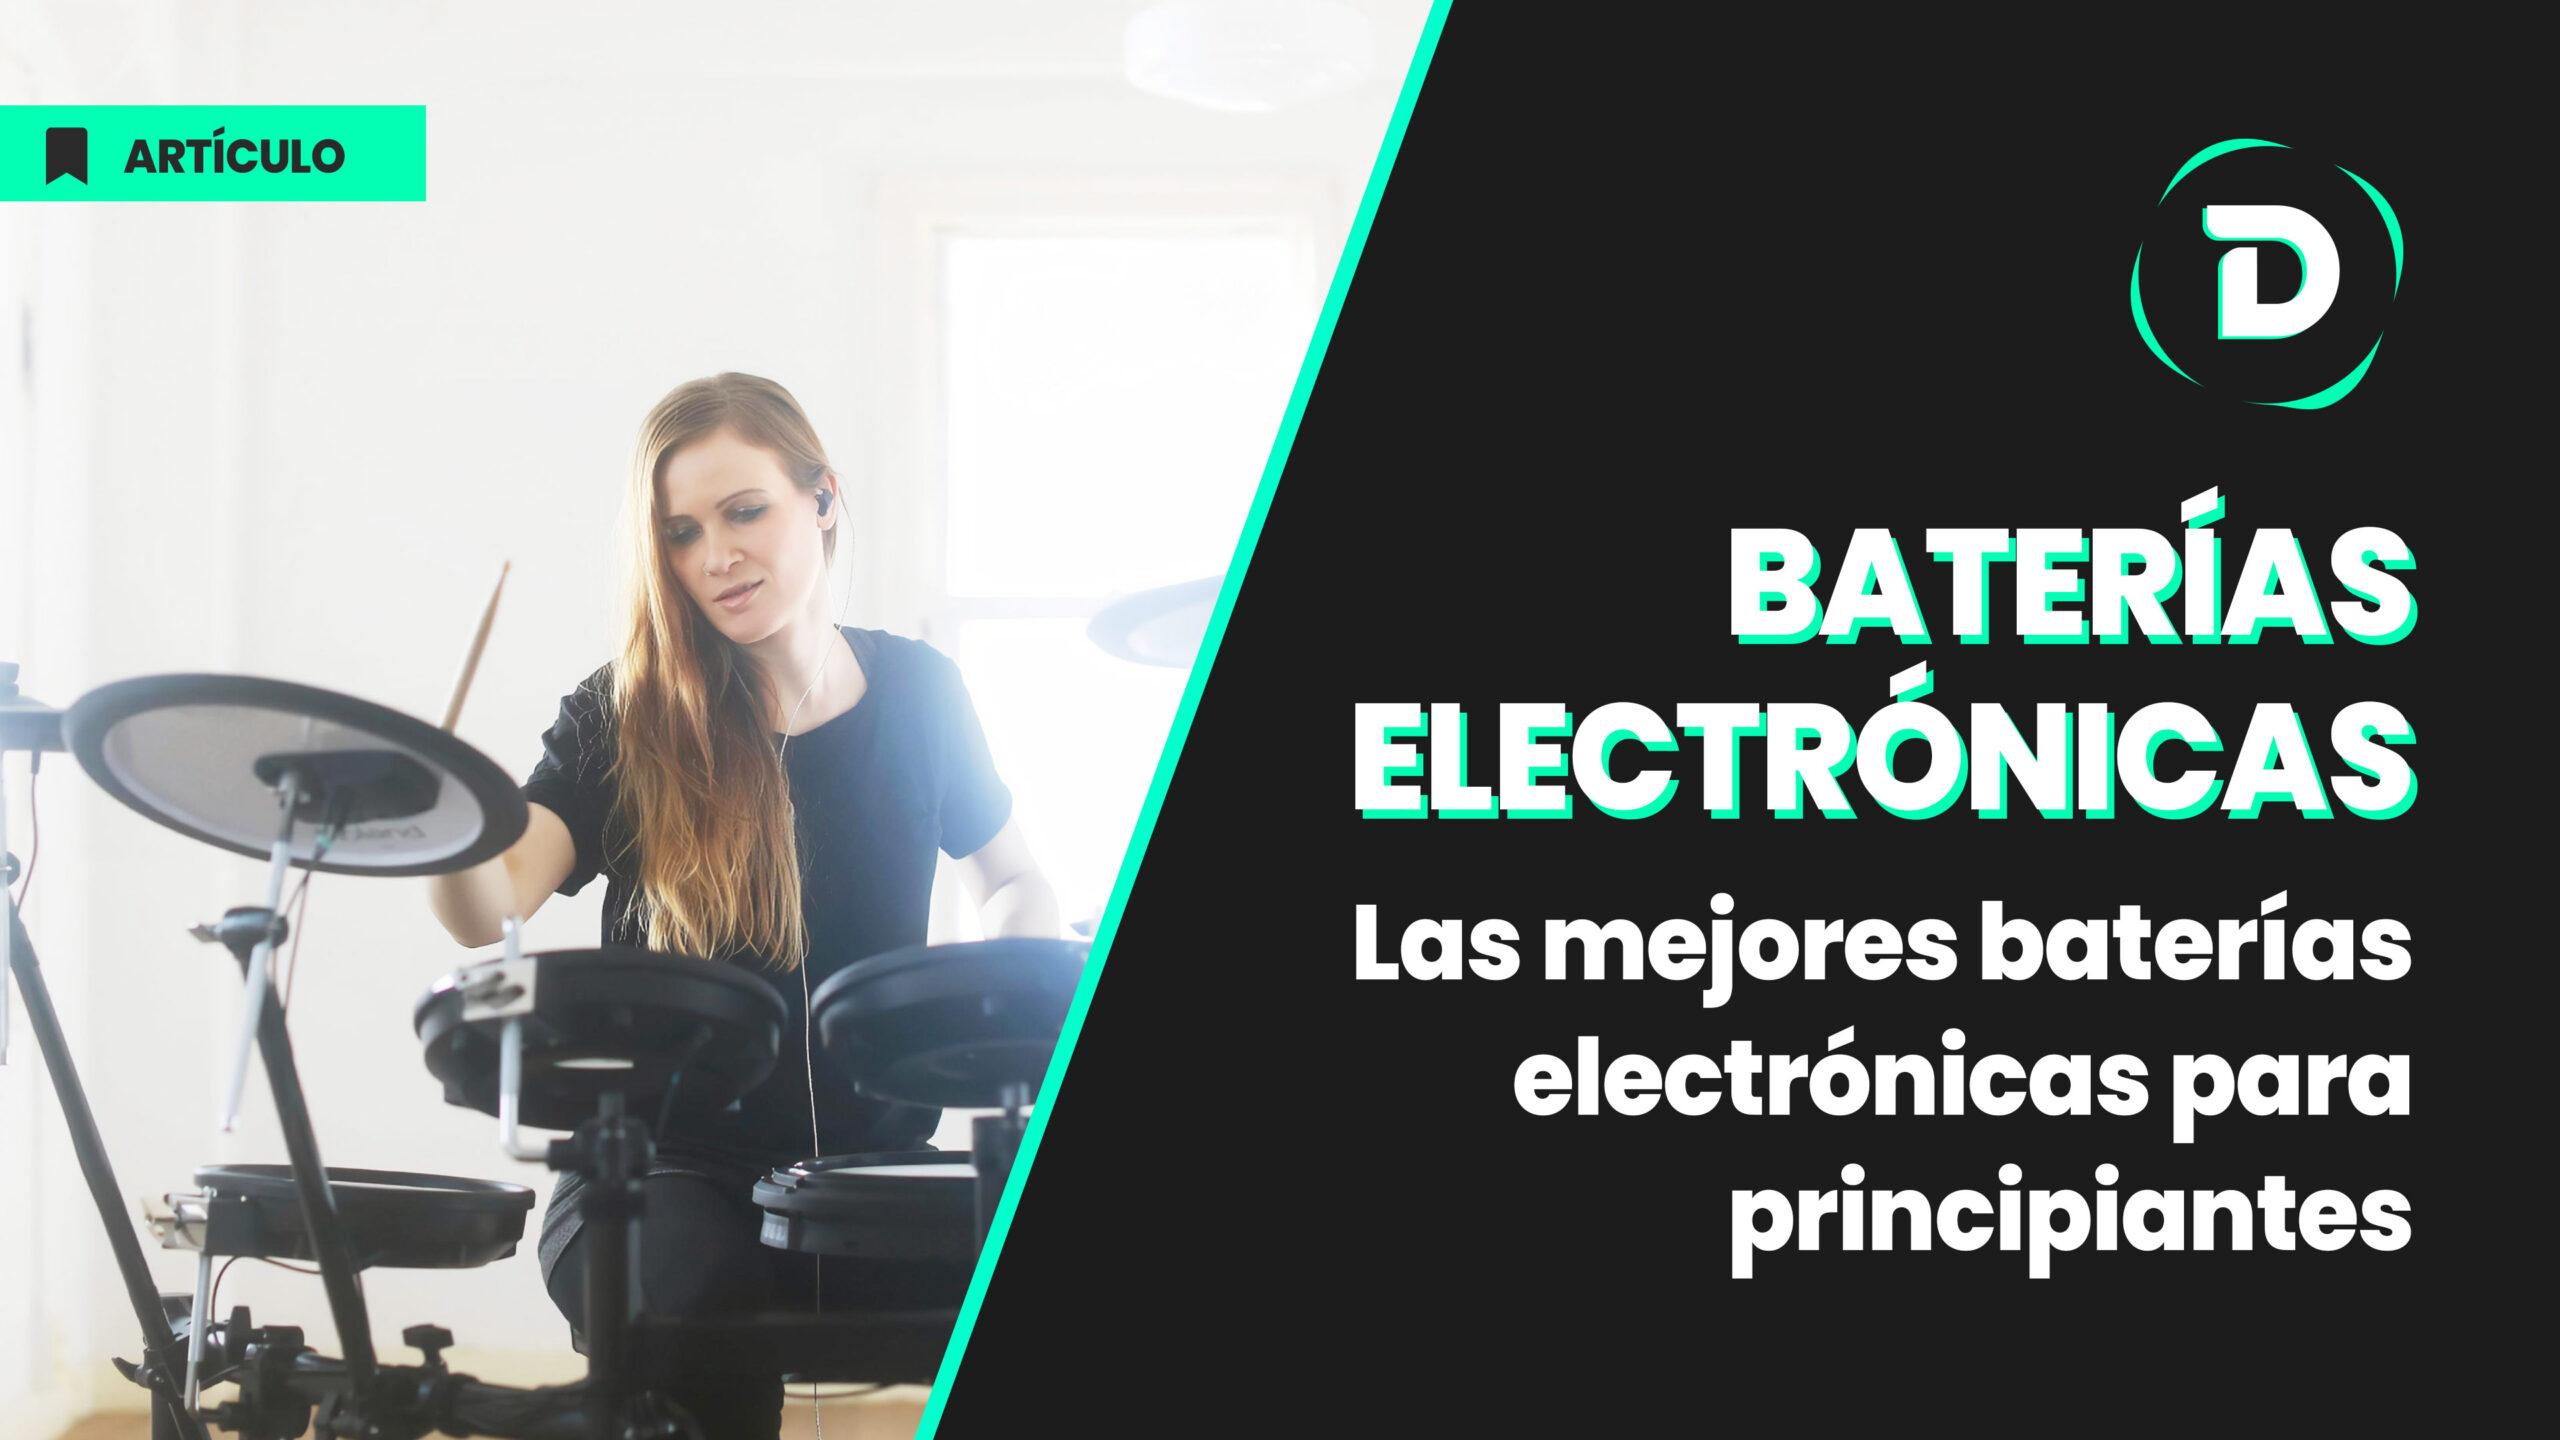 Las mejores baterías electrónicas para principiantes